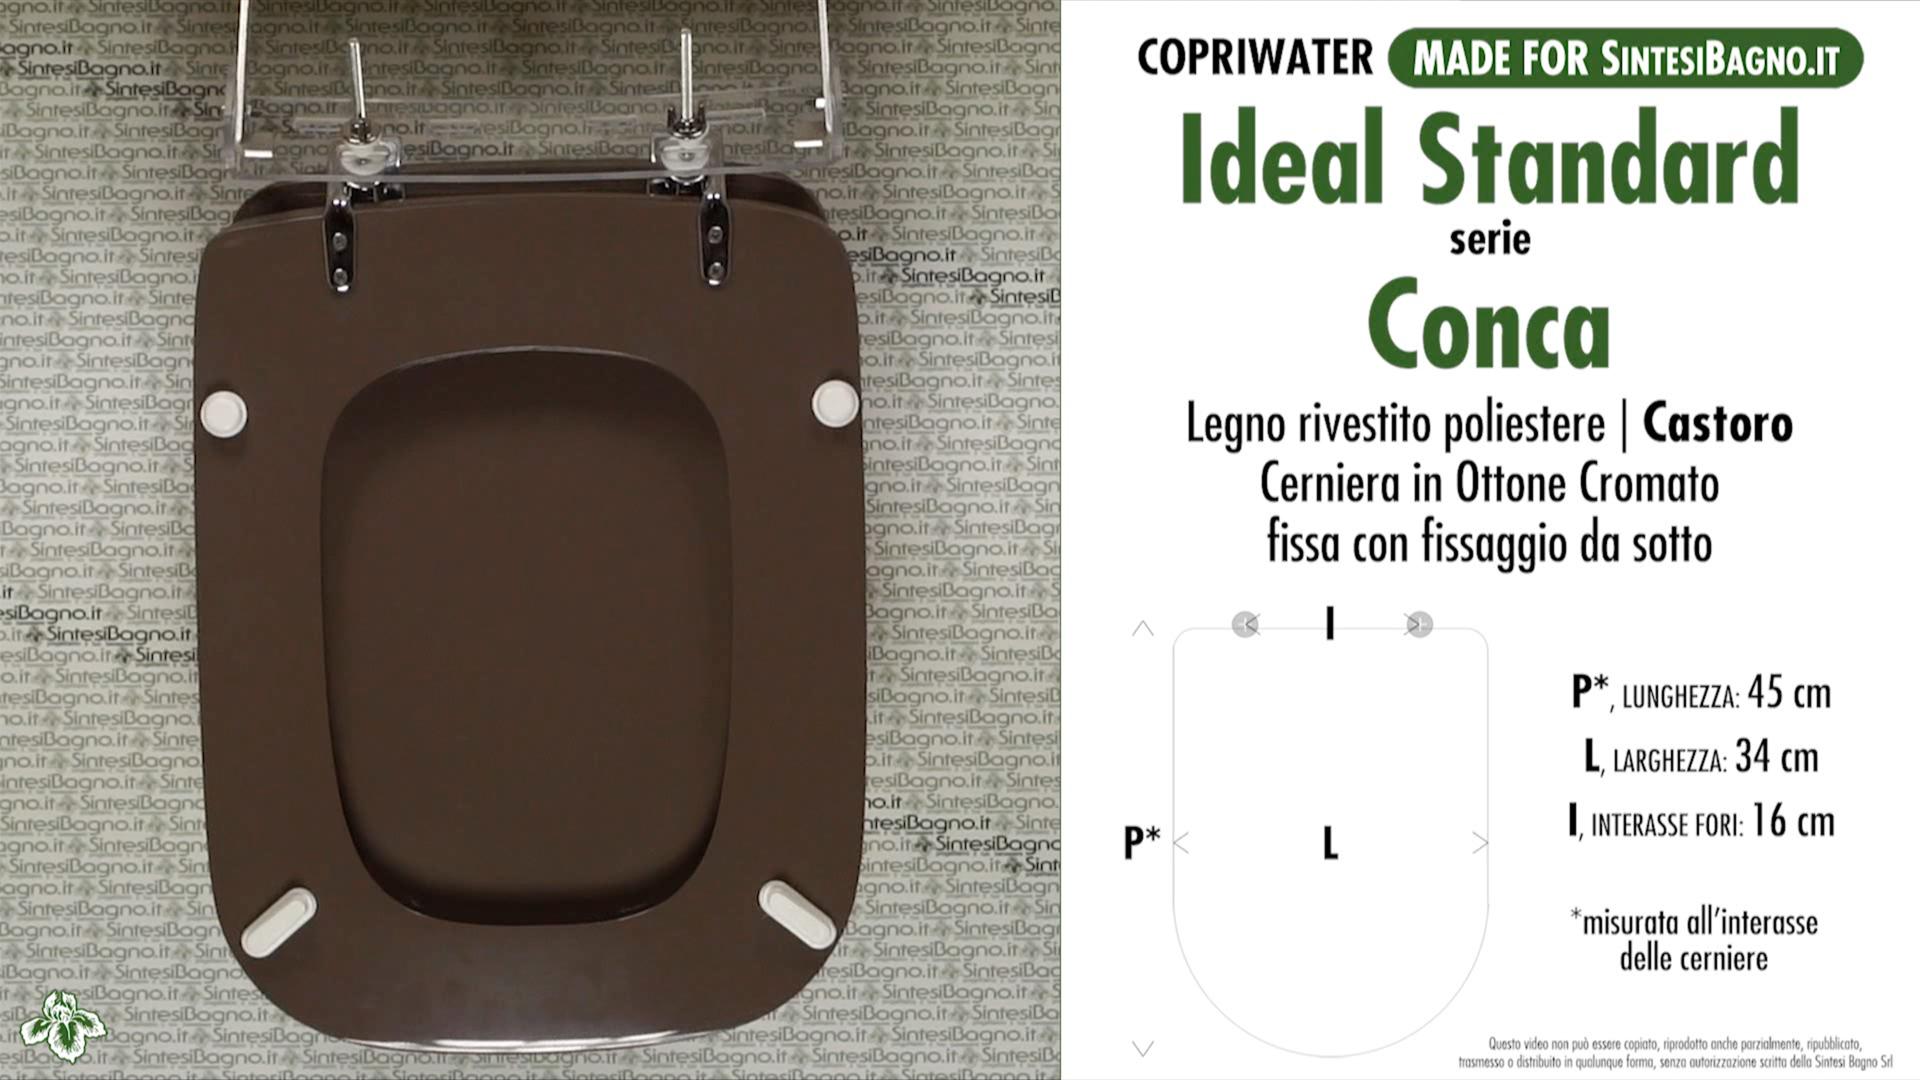 Sedile Wc Ideal Standard Conca.Il Copriwater Sedile Wc Conca Scopri Quale Prodotto E Perfetto Per